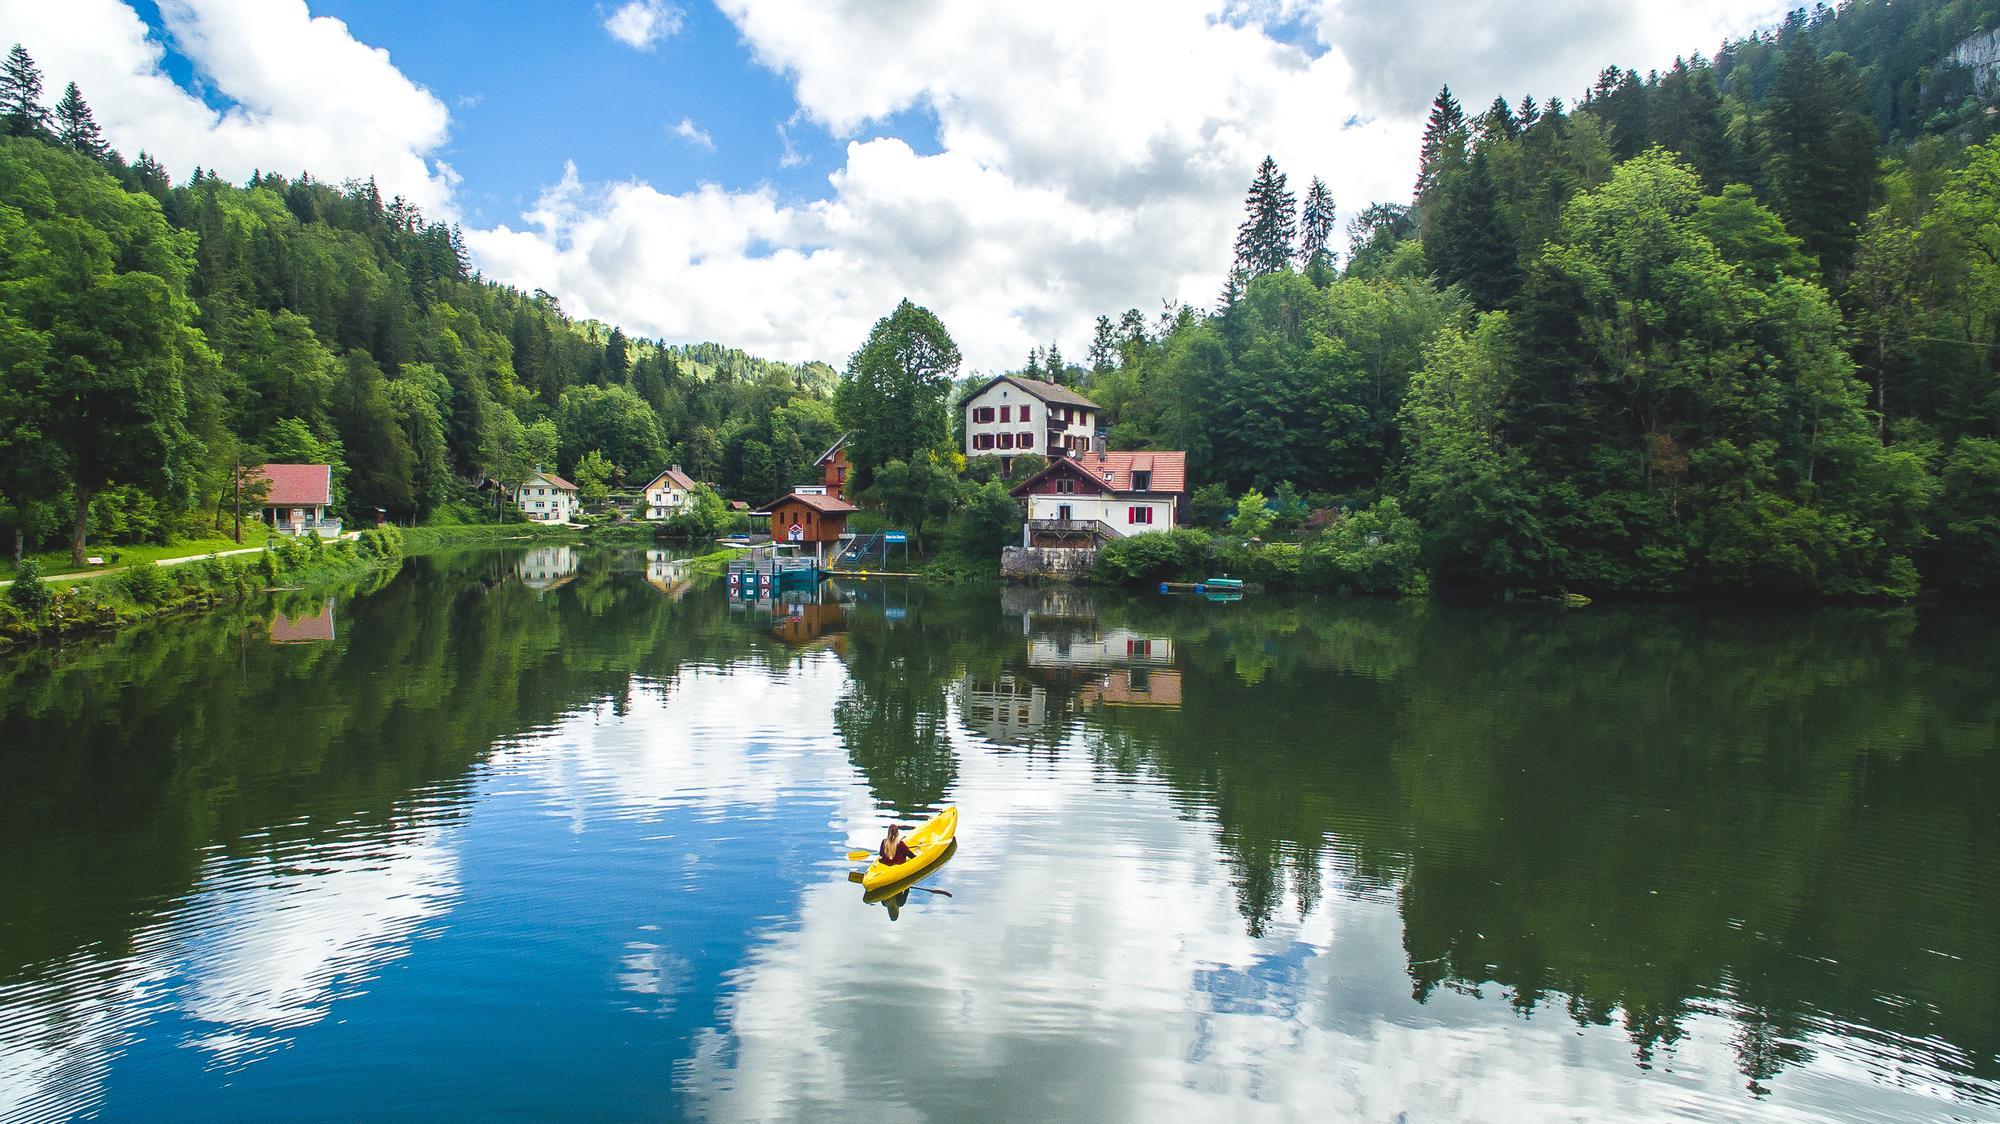 Montagnes du Jura, sault du doubs, kayak, france